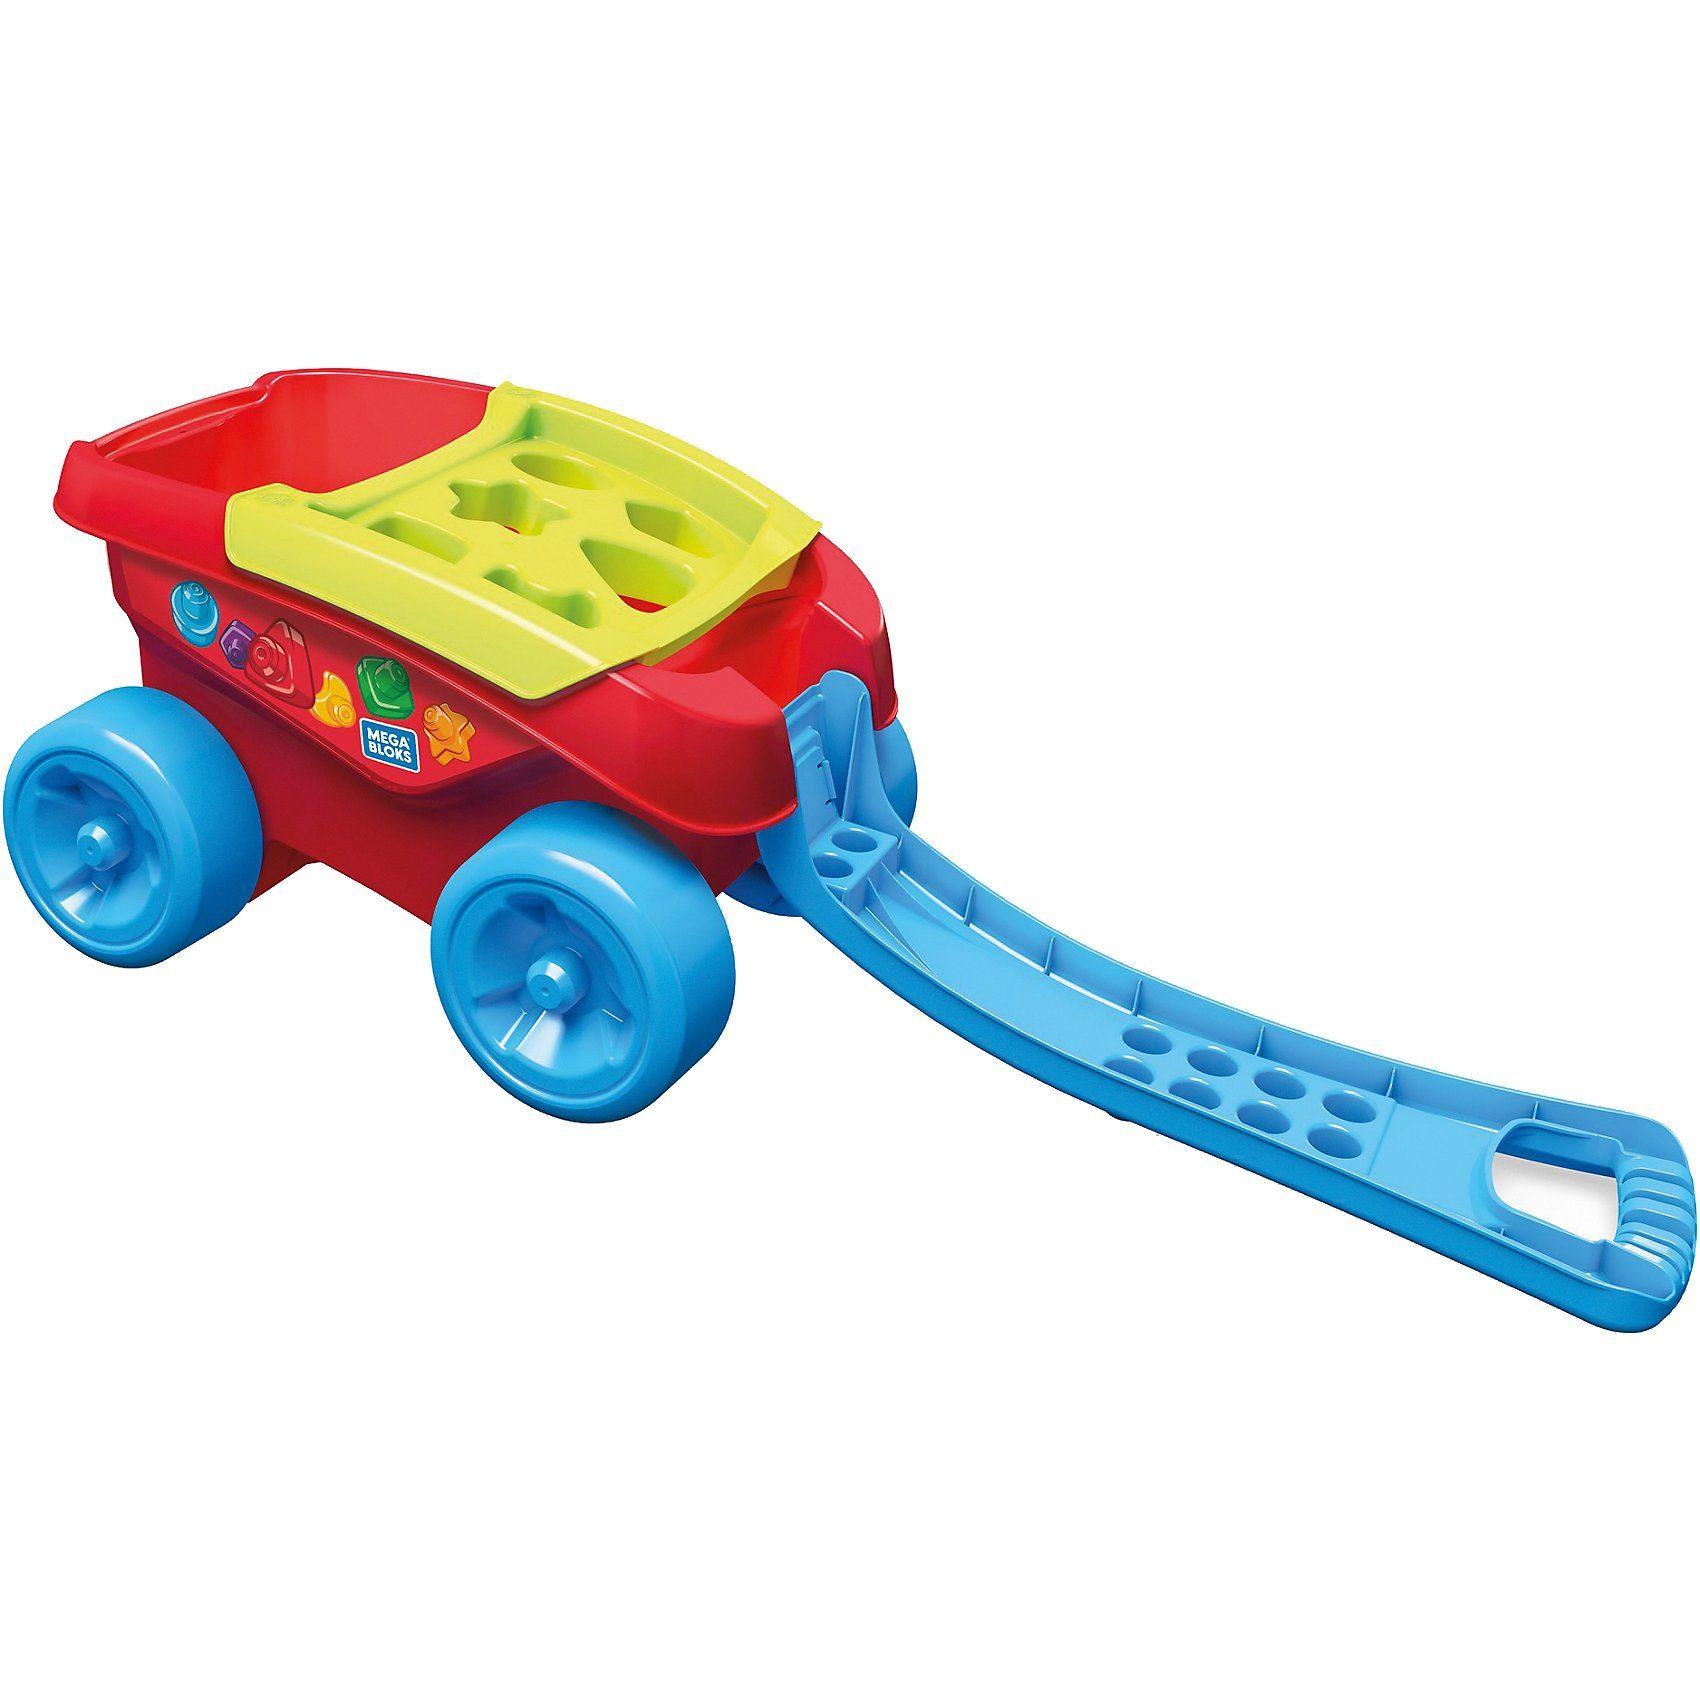 Mattel® Mega Bloks Bausteinwagen bunt (25 Teile)